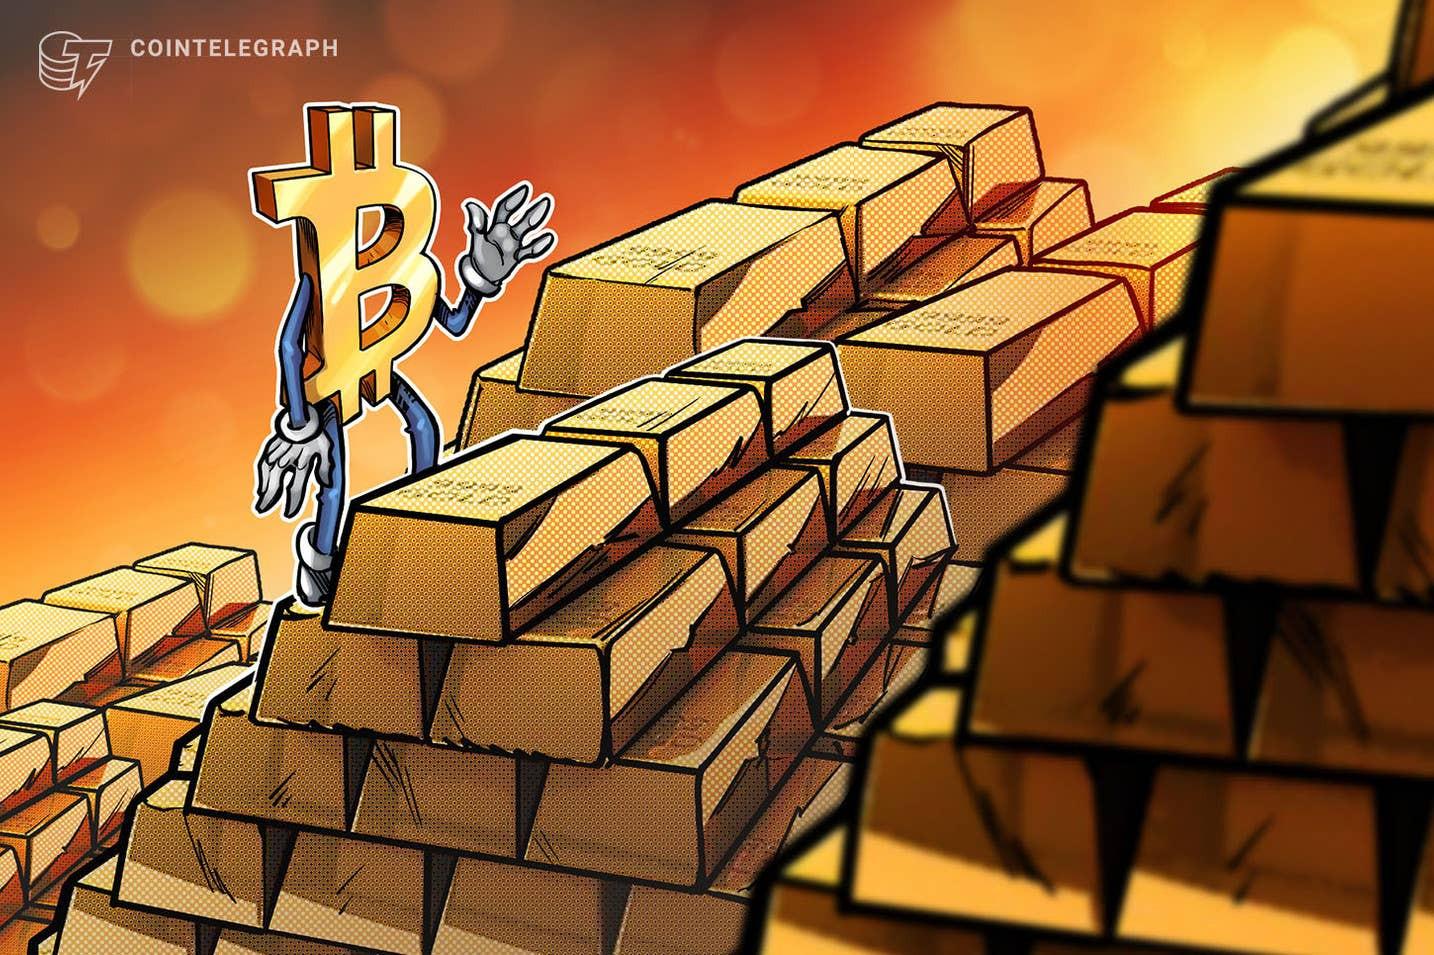 Bitcoin descola do ouro e do mercado de ações e se fortalece como melhor investimento em tempo de incertezas globais